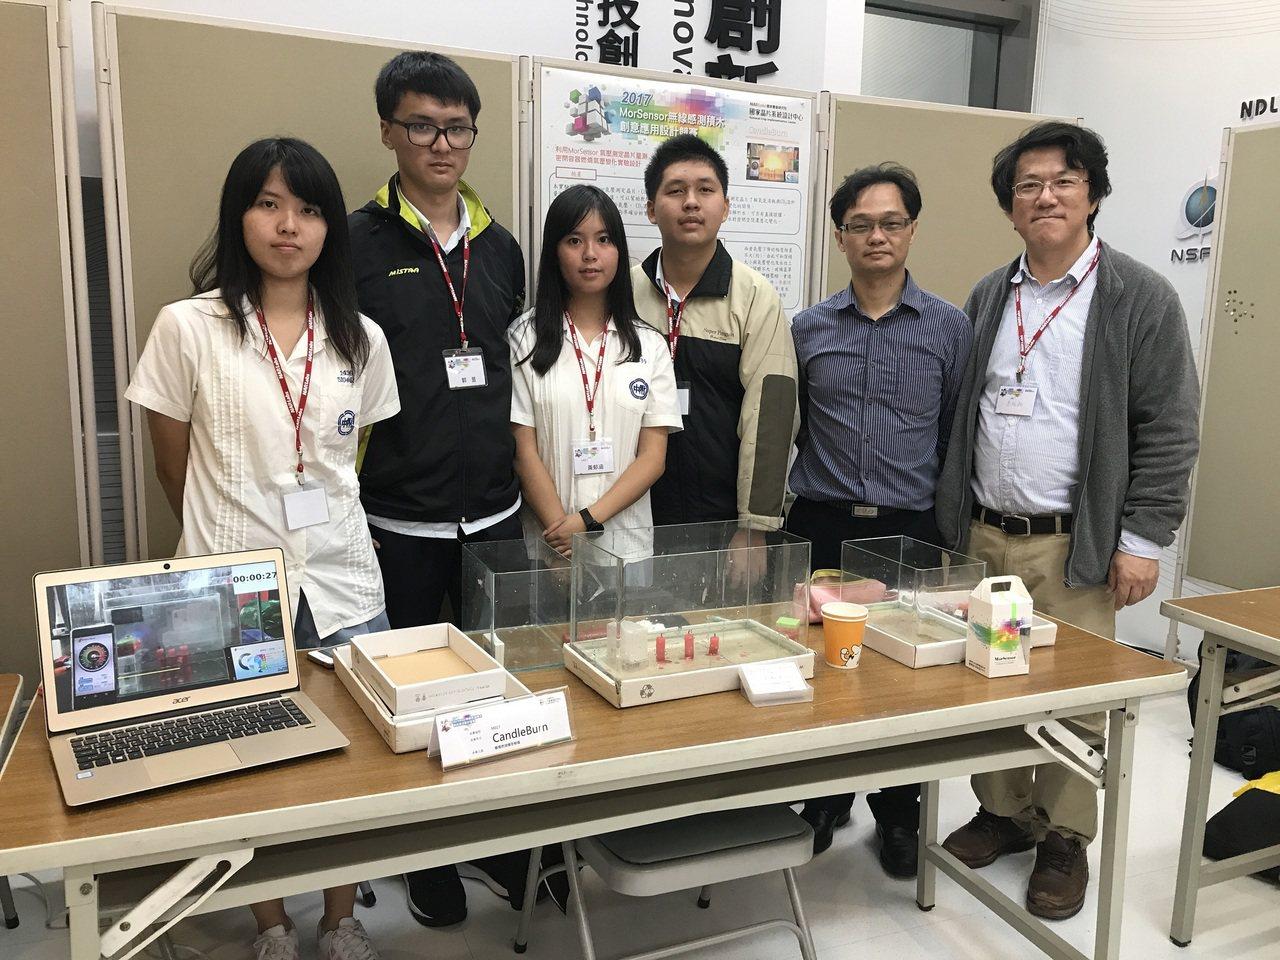 師大附中團隊研發出「蠟燭燃燒機密解碼」,打敗不少業界人士及研究生,一舉獲得銅牌獎...